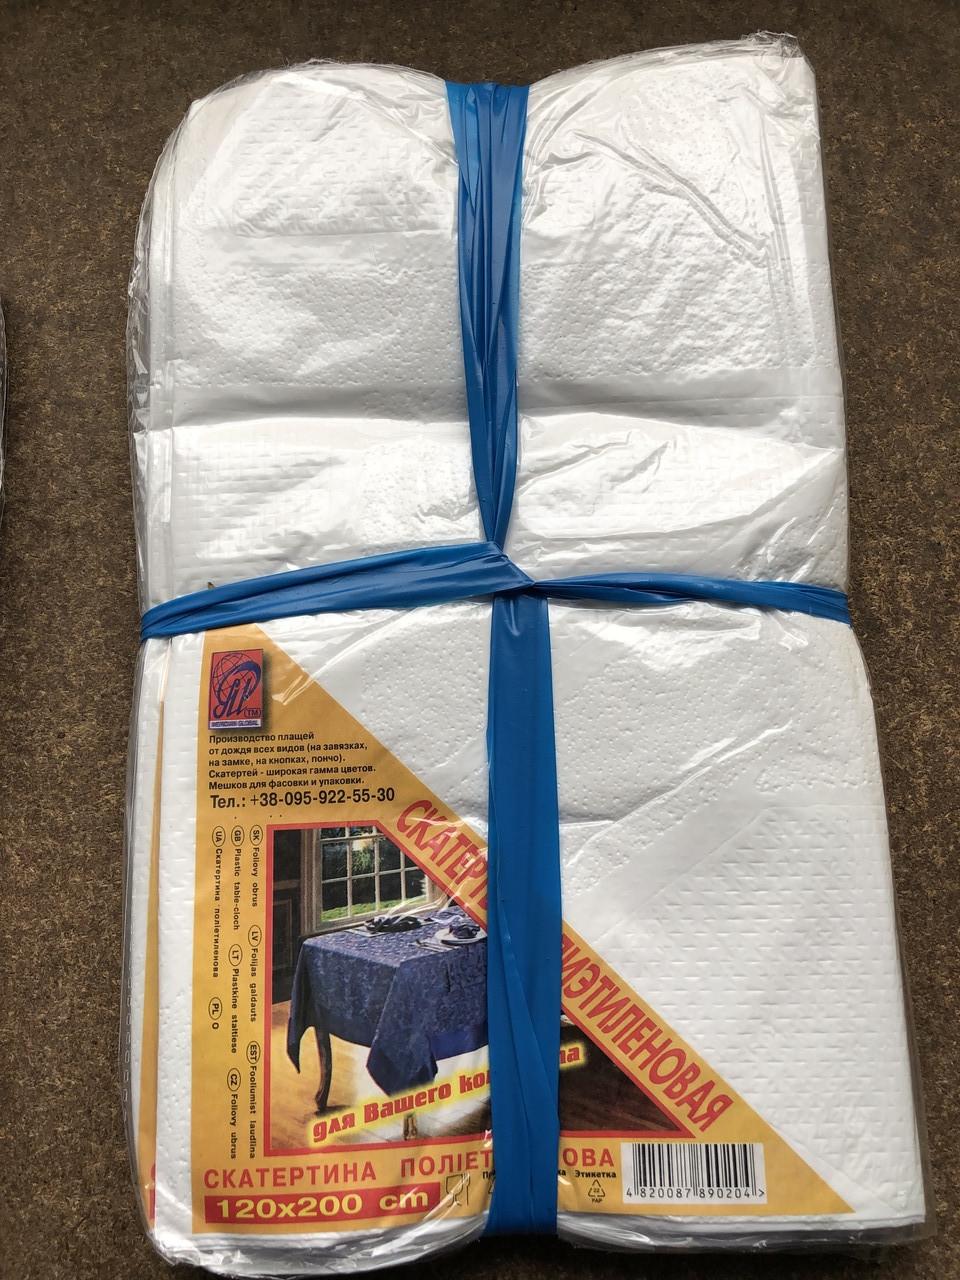 Скатерть полиэтиленовая для стола, белая 120*200 см